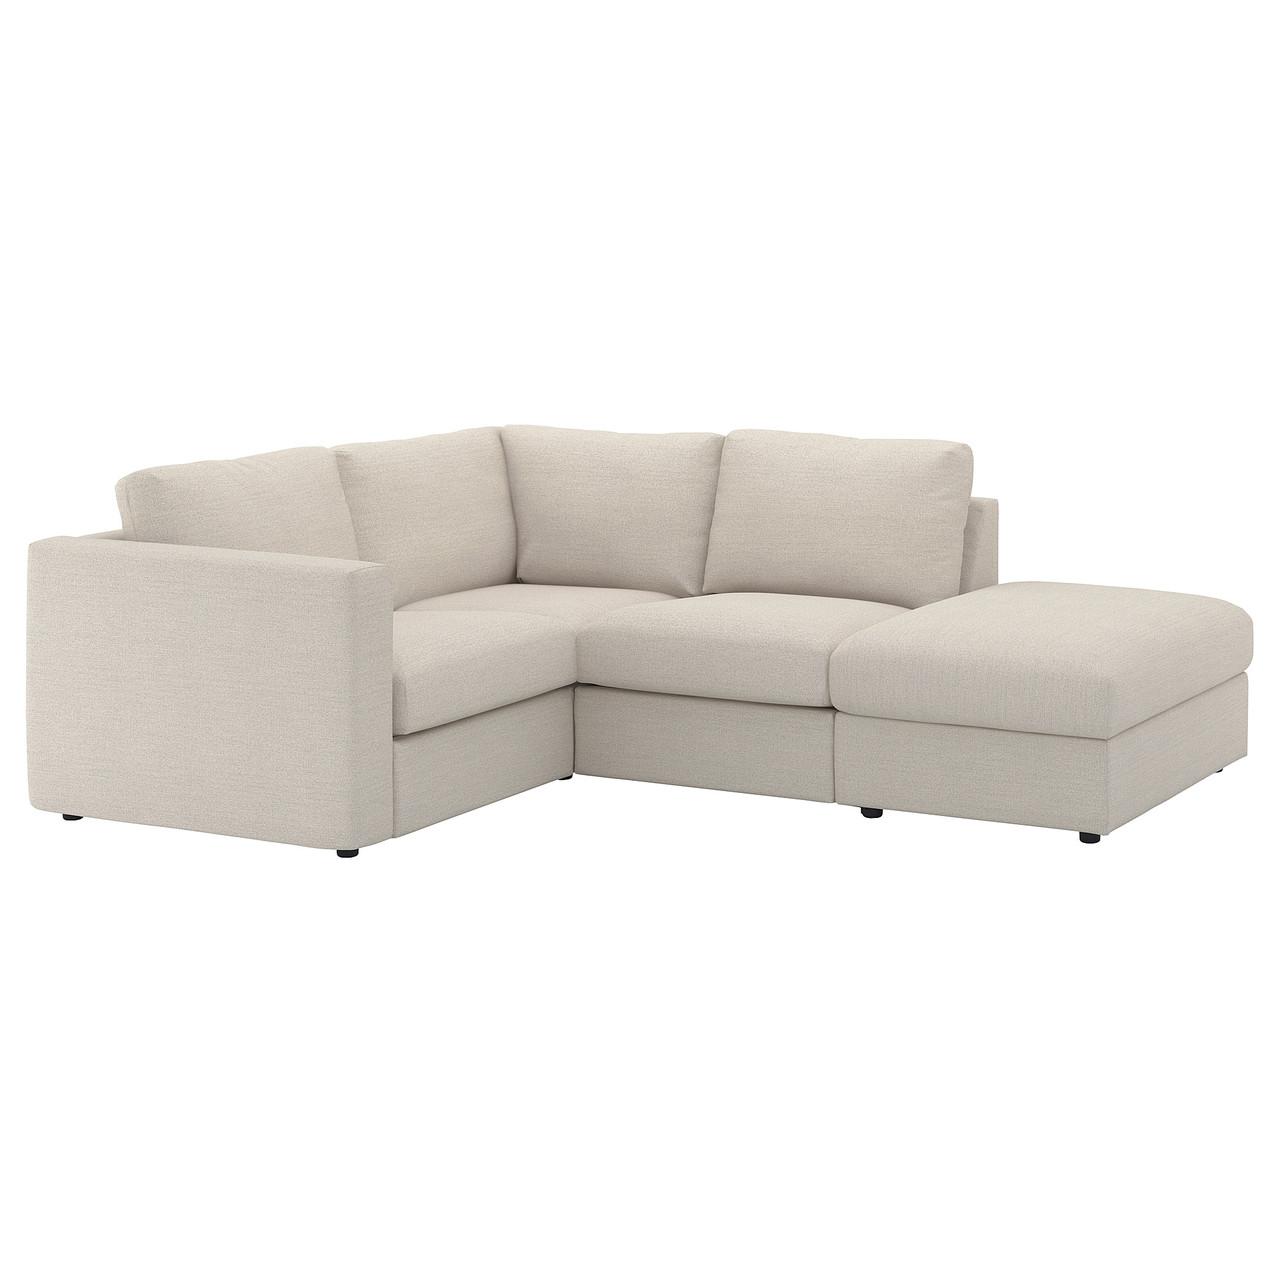 ВИМЛЕ 3-местный угловой диван, с открытым торцом, Гуннаред бежевый